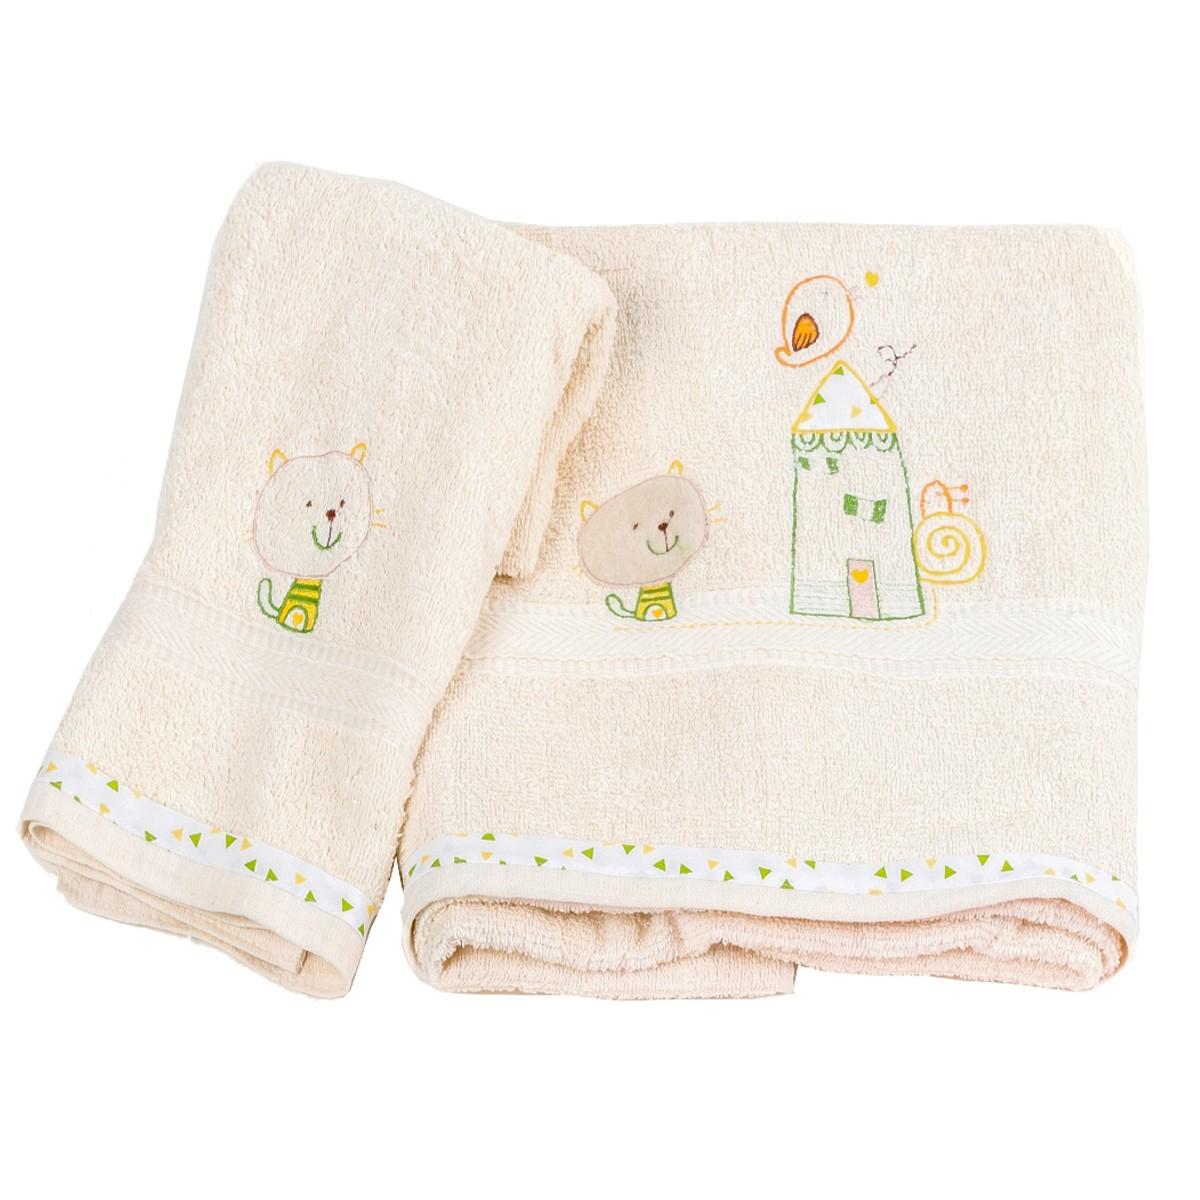 Βρεφικές Πετσέτες (Σετ 2τμχ) Κόσμος Του Μωρού Home 0590 Εκρού